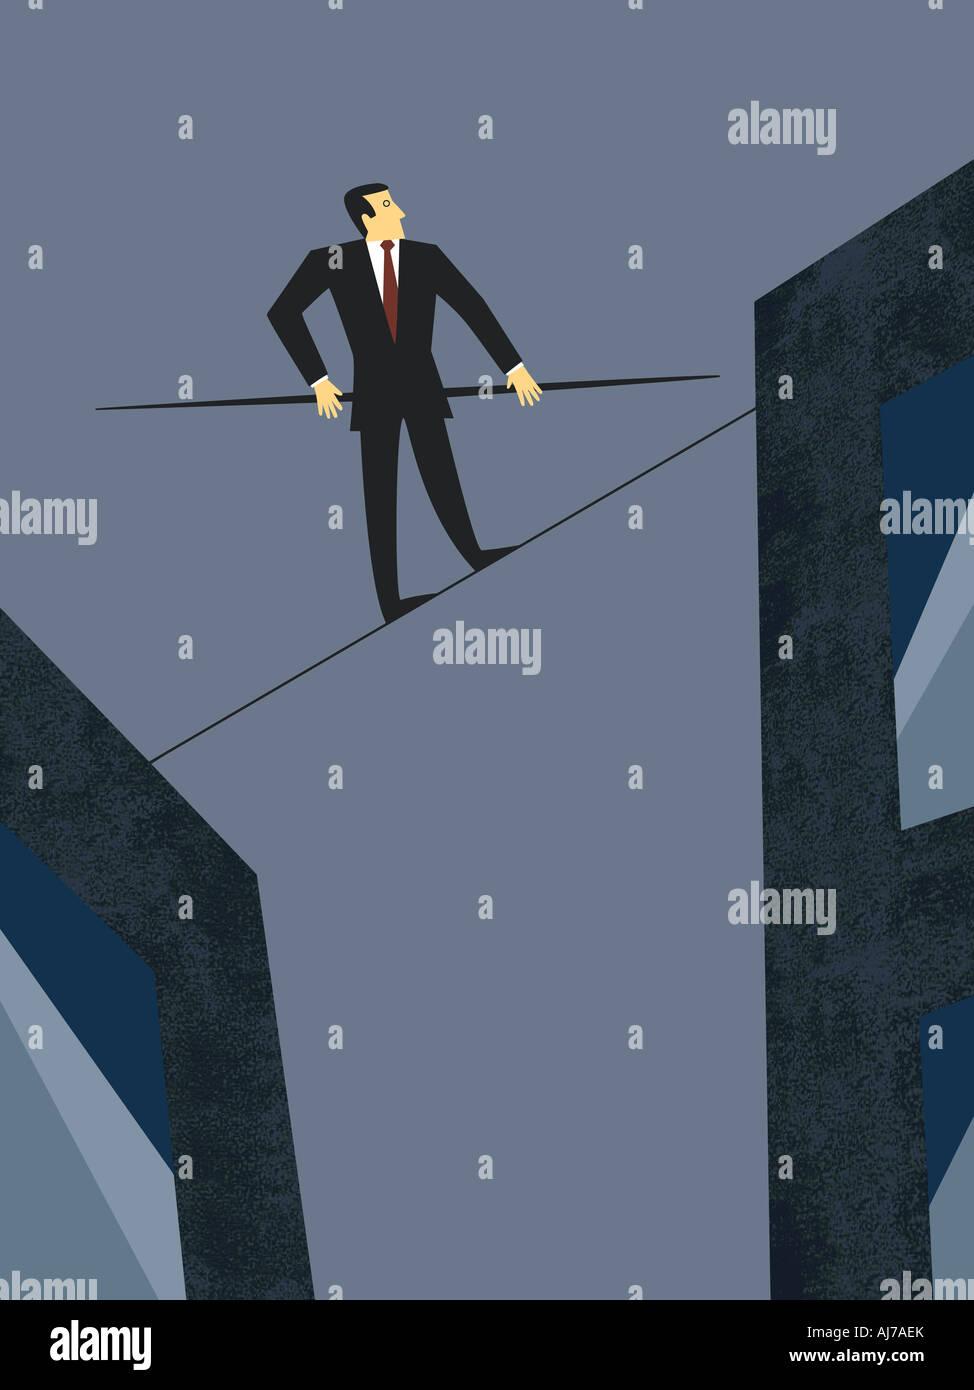 Business Balancing Act - männliche Exekutive zu Fuß auf Gratwanderung Stockbild